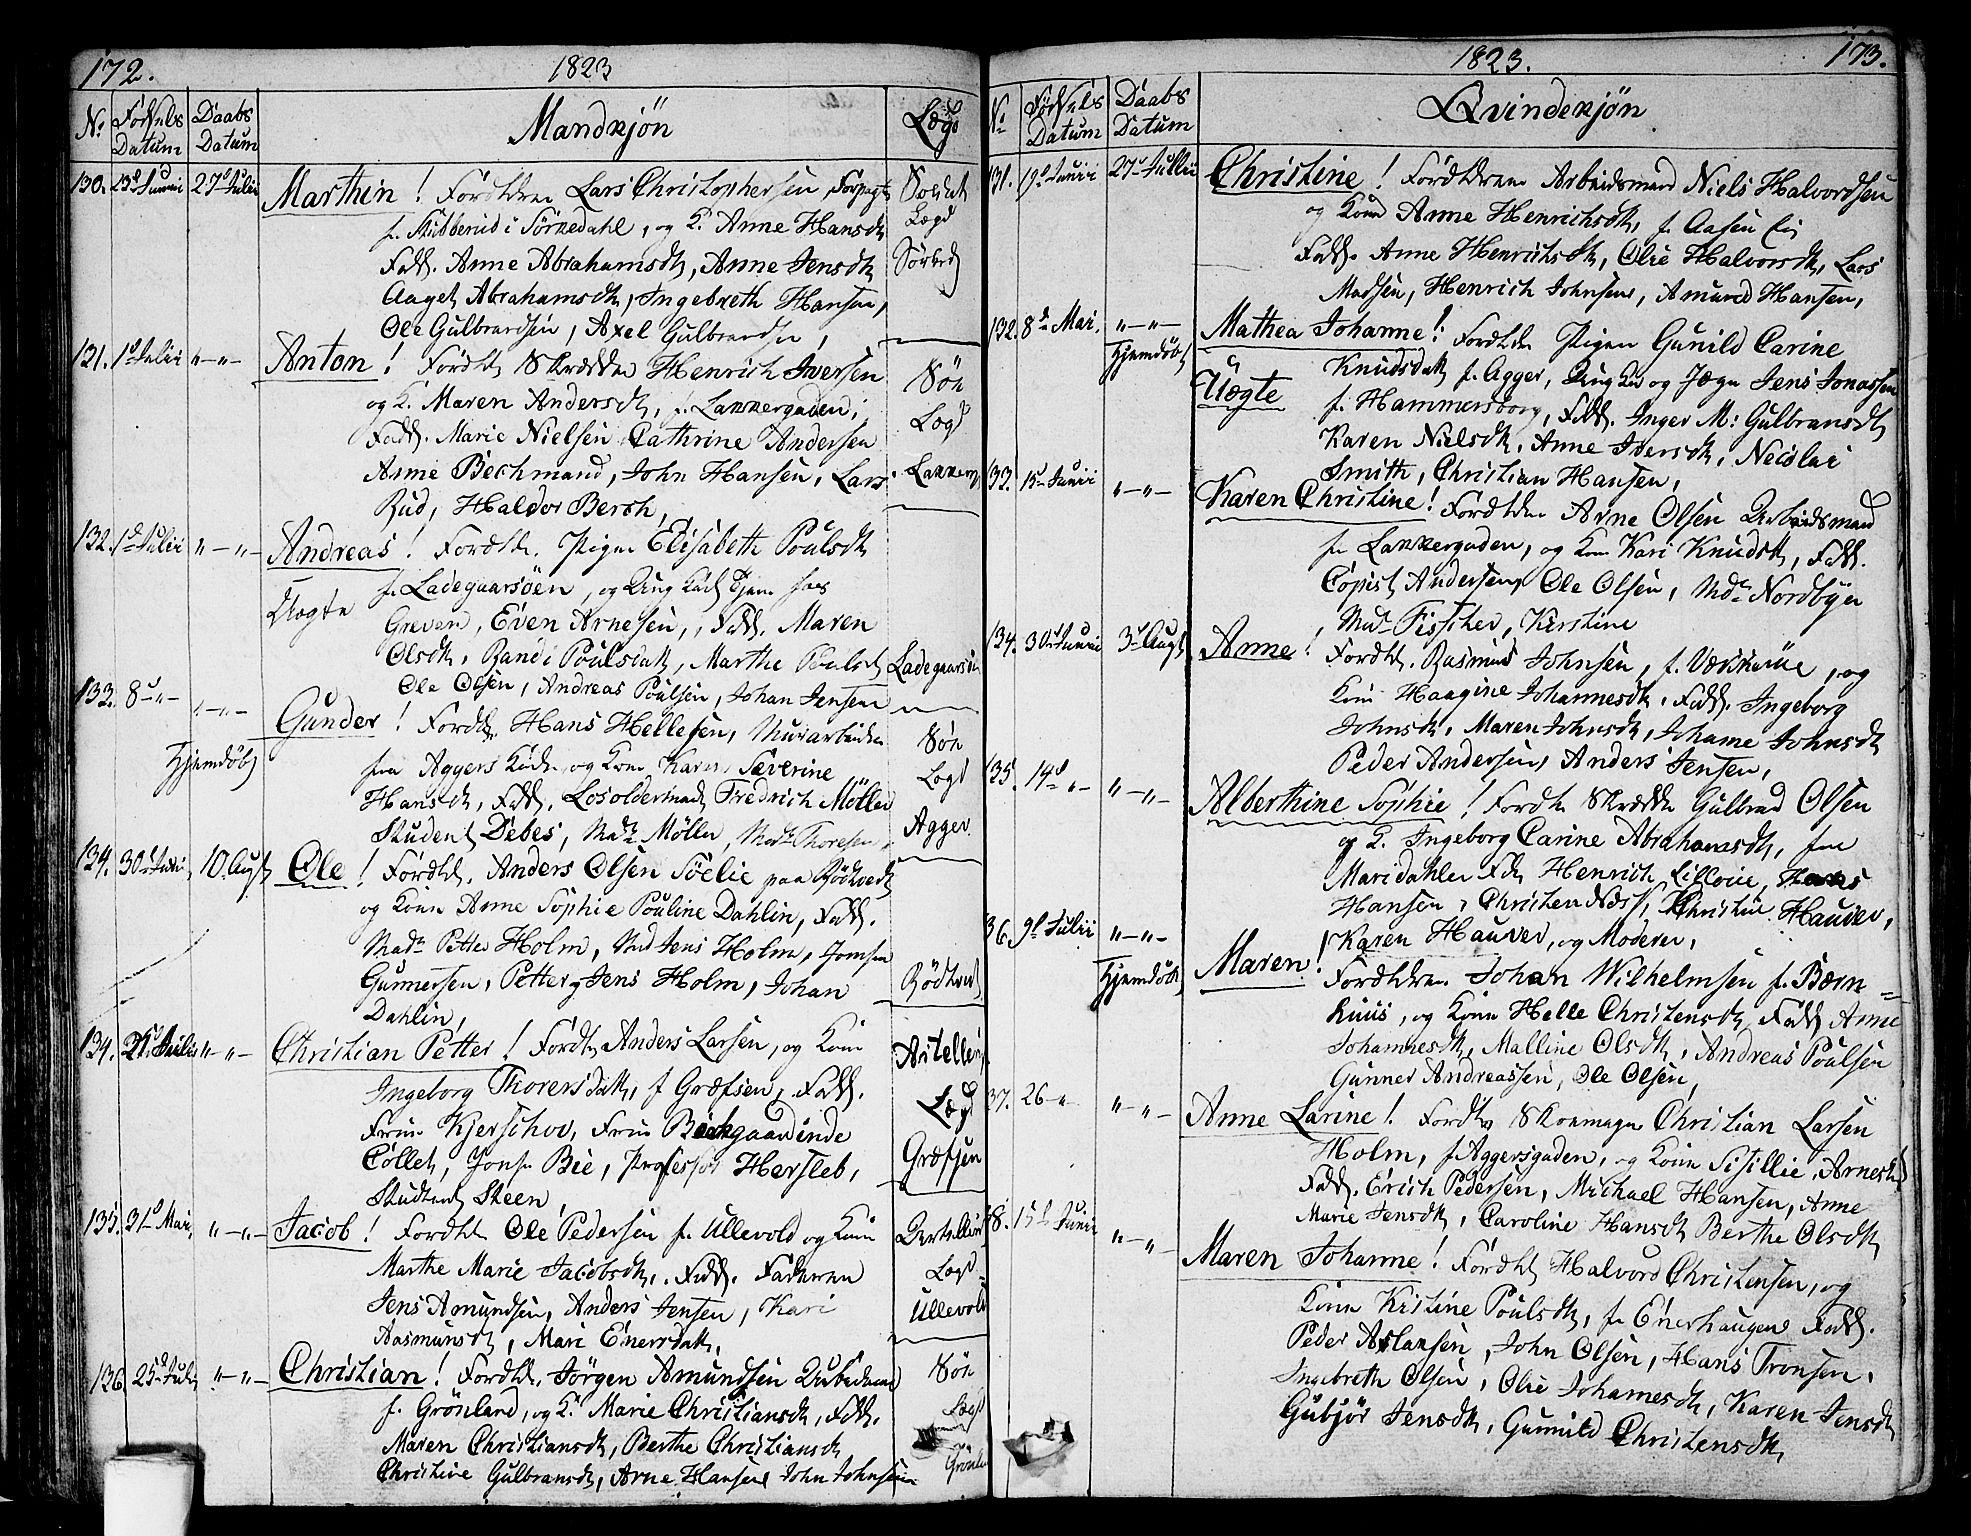 SAO, Aker prestekontor kirkebøker, G/L0004: Klokkerbok nr. 4, 1819-1829, s. 172-173